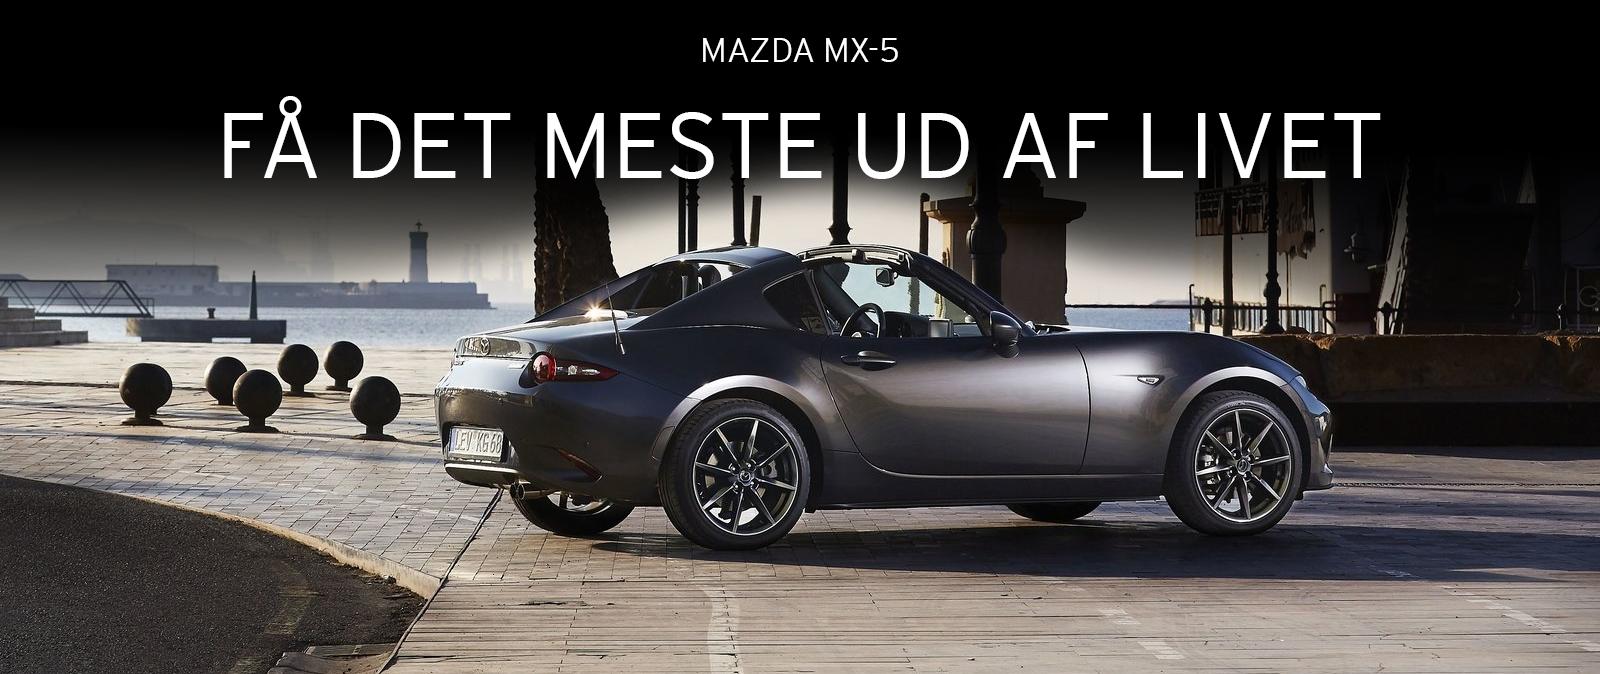 Mazda MX-5 - få det meste ud af livet